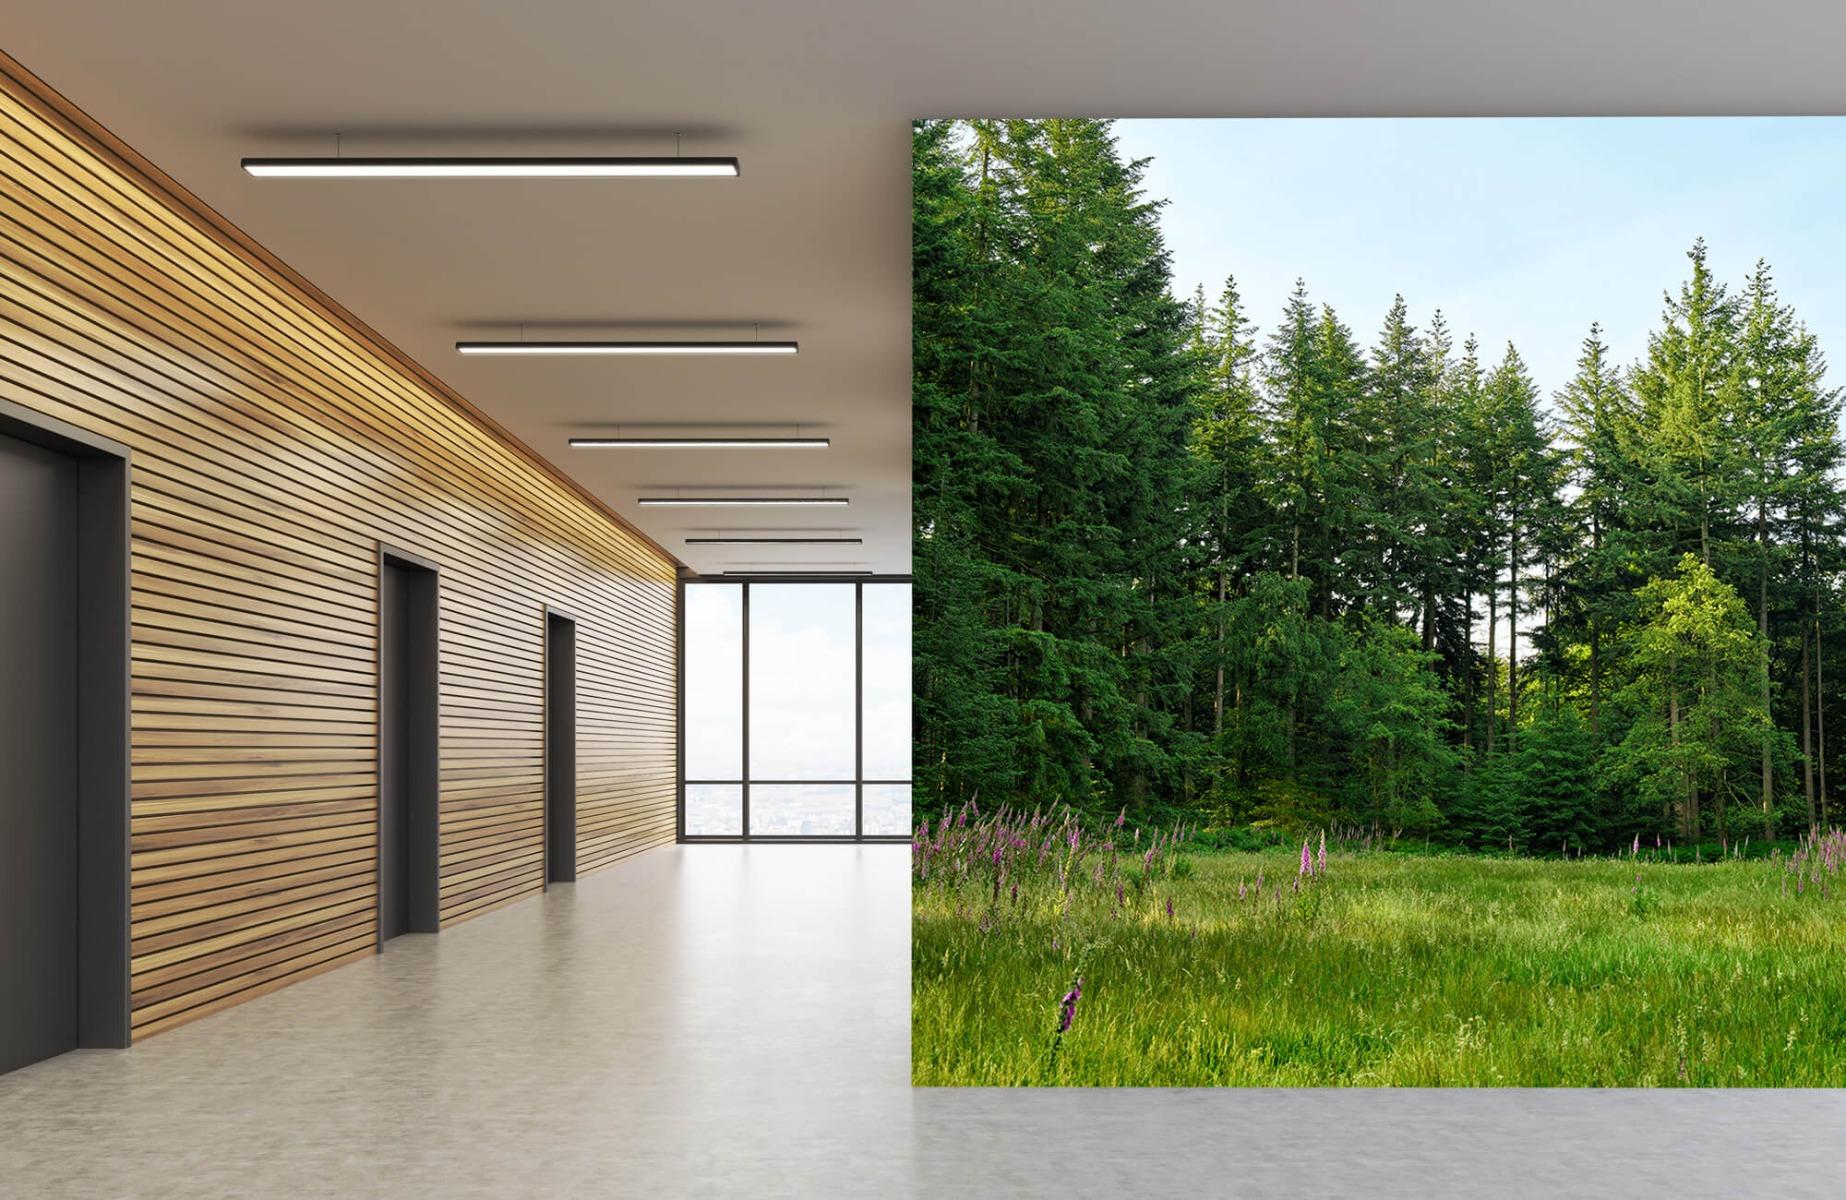 Bos behang - Open plek in het bos - Wallexclusive - Slaapkamer 8